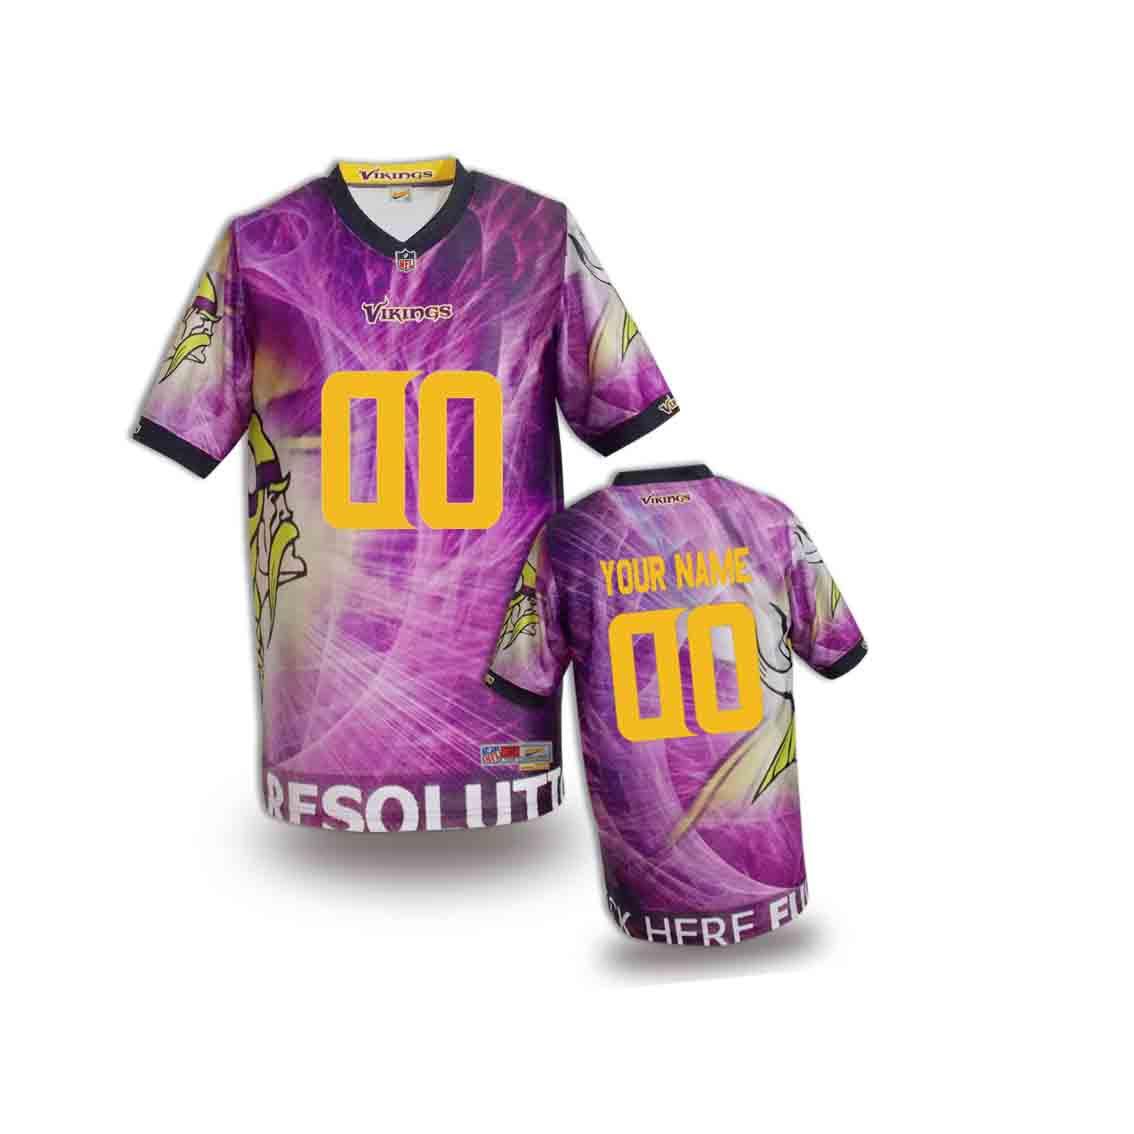 Nike Vikings Customized Fashion Stitched Youth Jerseys01